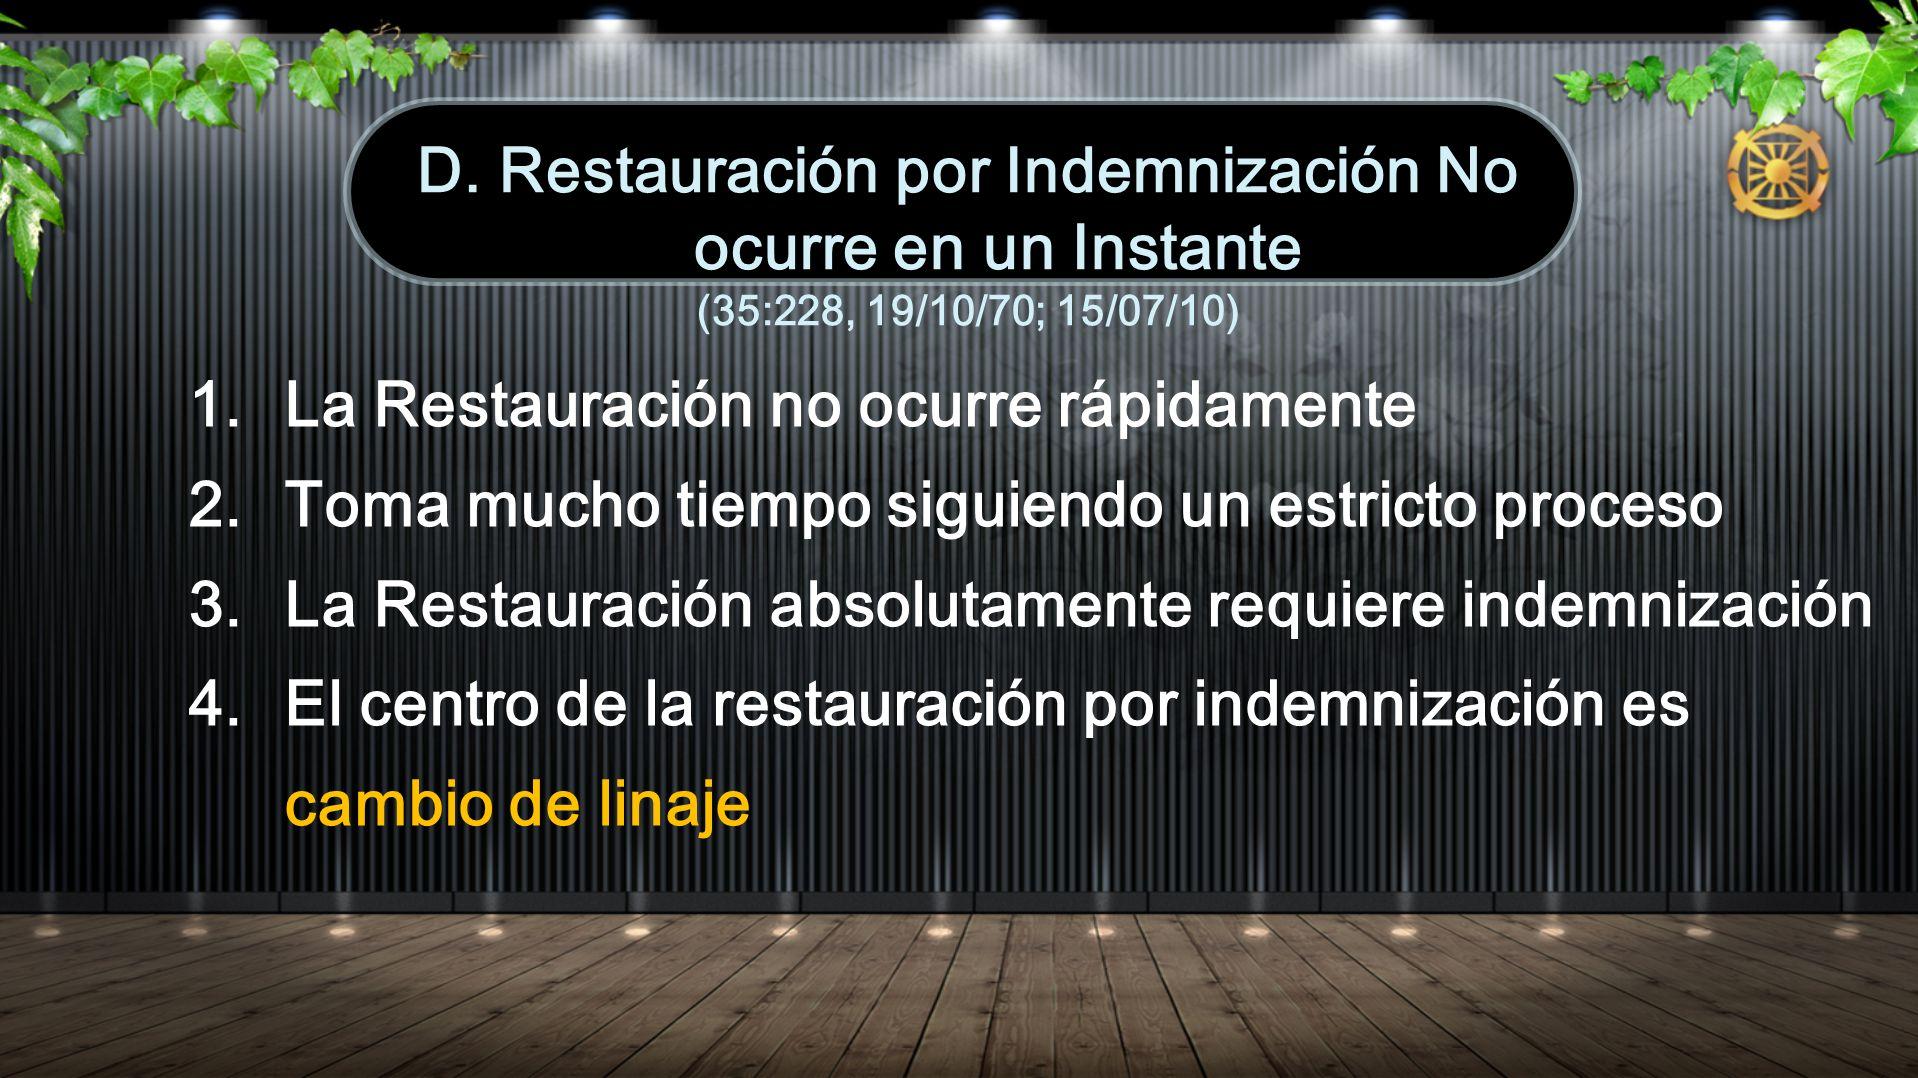 D. Restauración por Indemnización No ocurre en un Instante